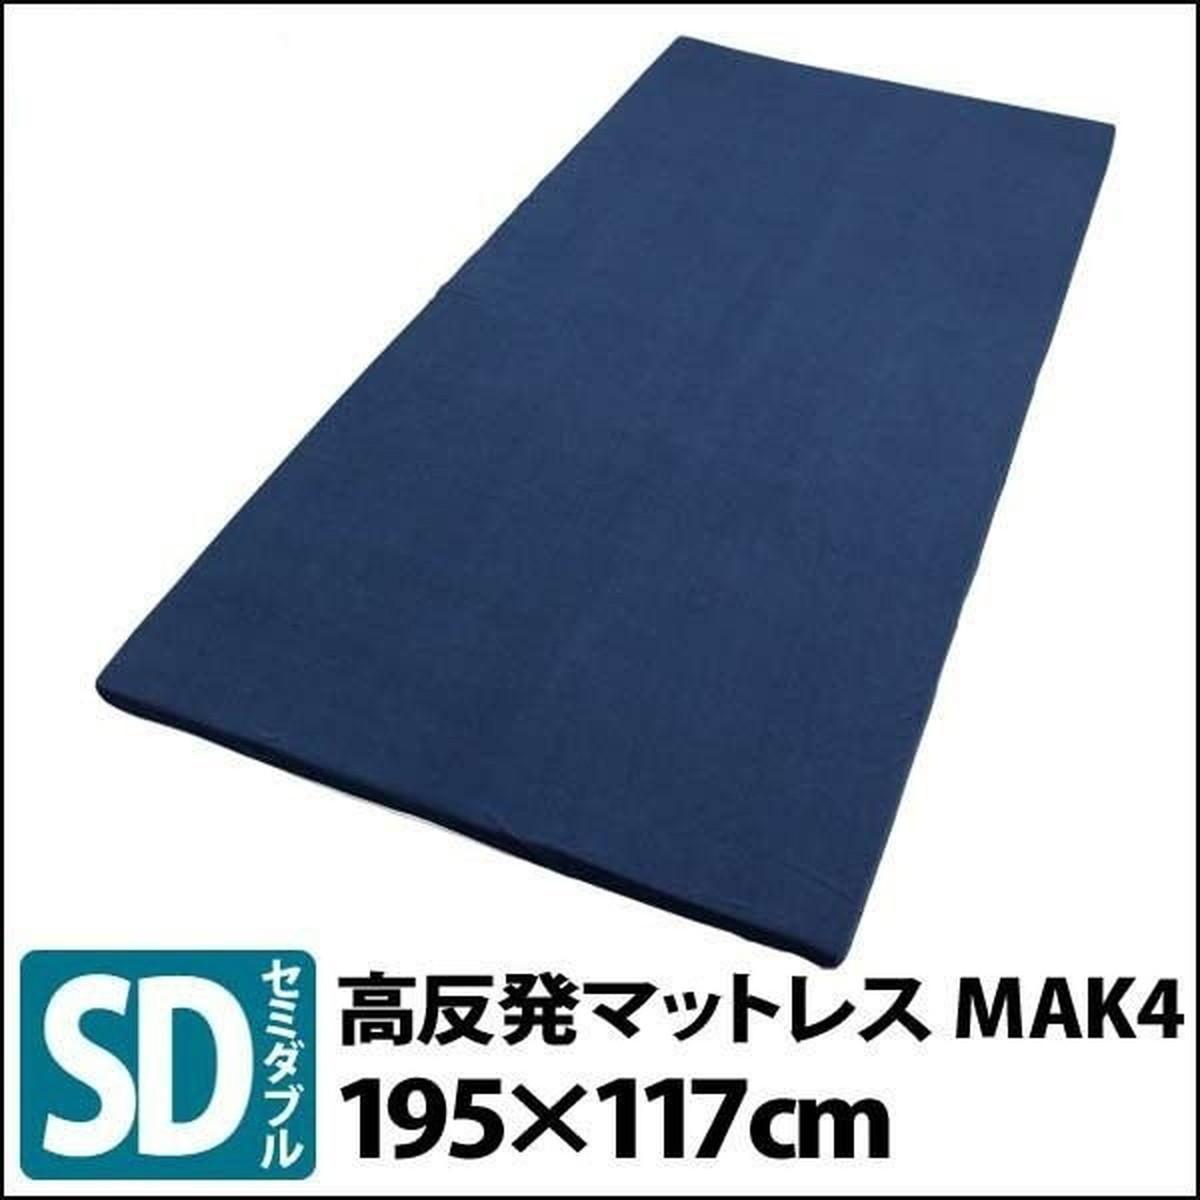 アイリスオーヤマ 高反発マットレス MAK4-SD ネイビー【クーポン配布中】